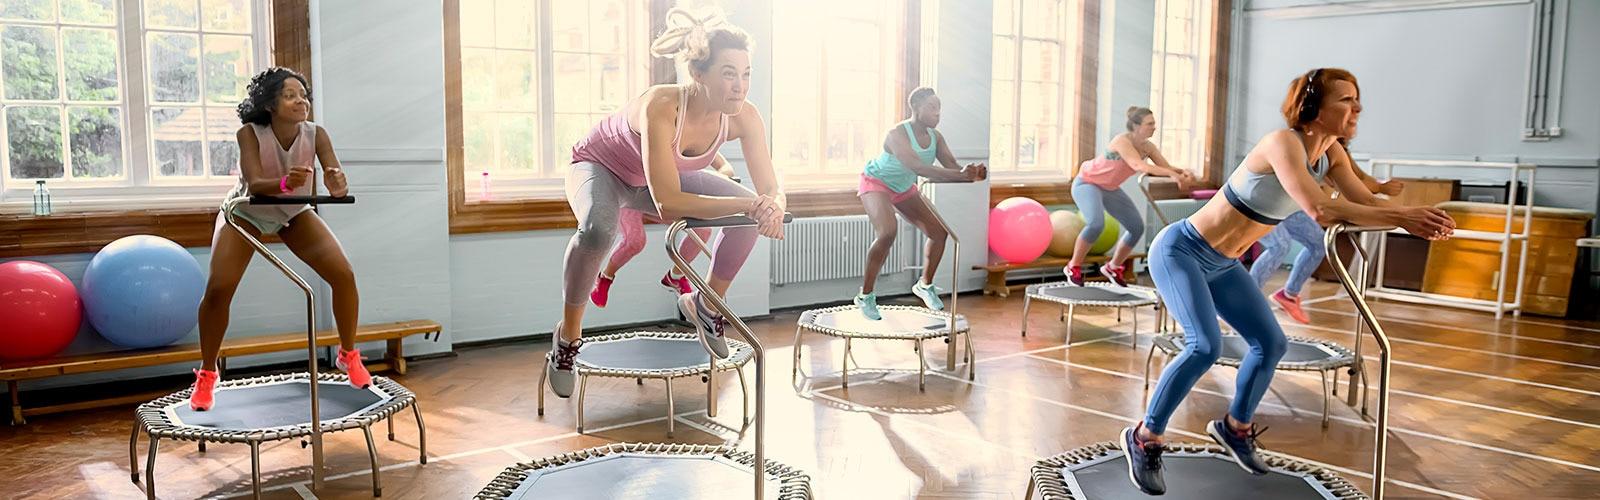 egzersiz yapan kadınlar trambolinin üzerinde zıplıyorlar